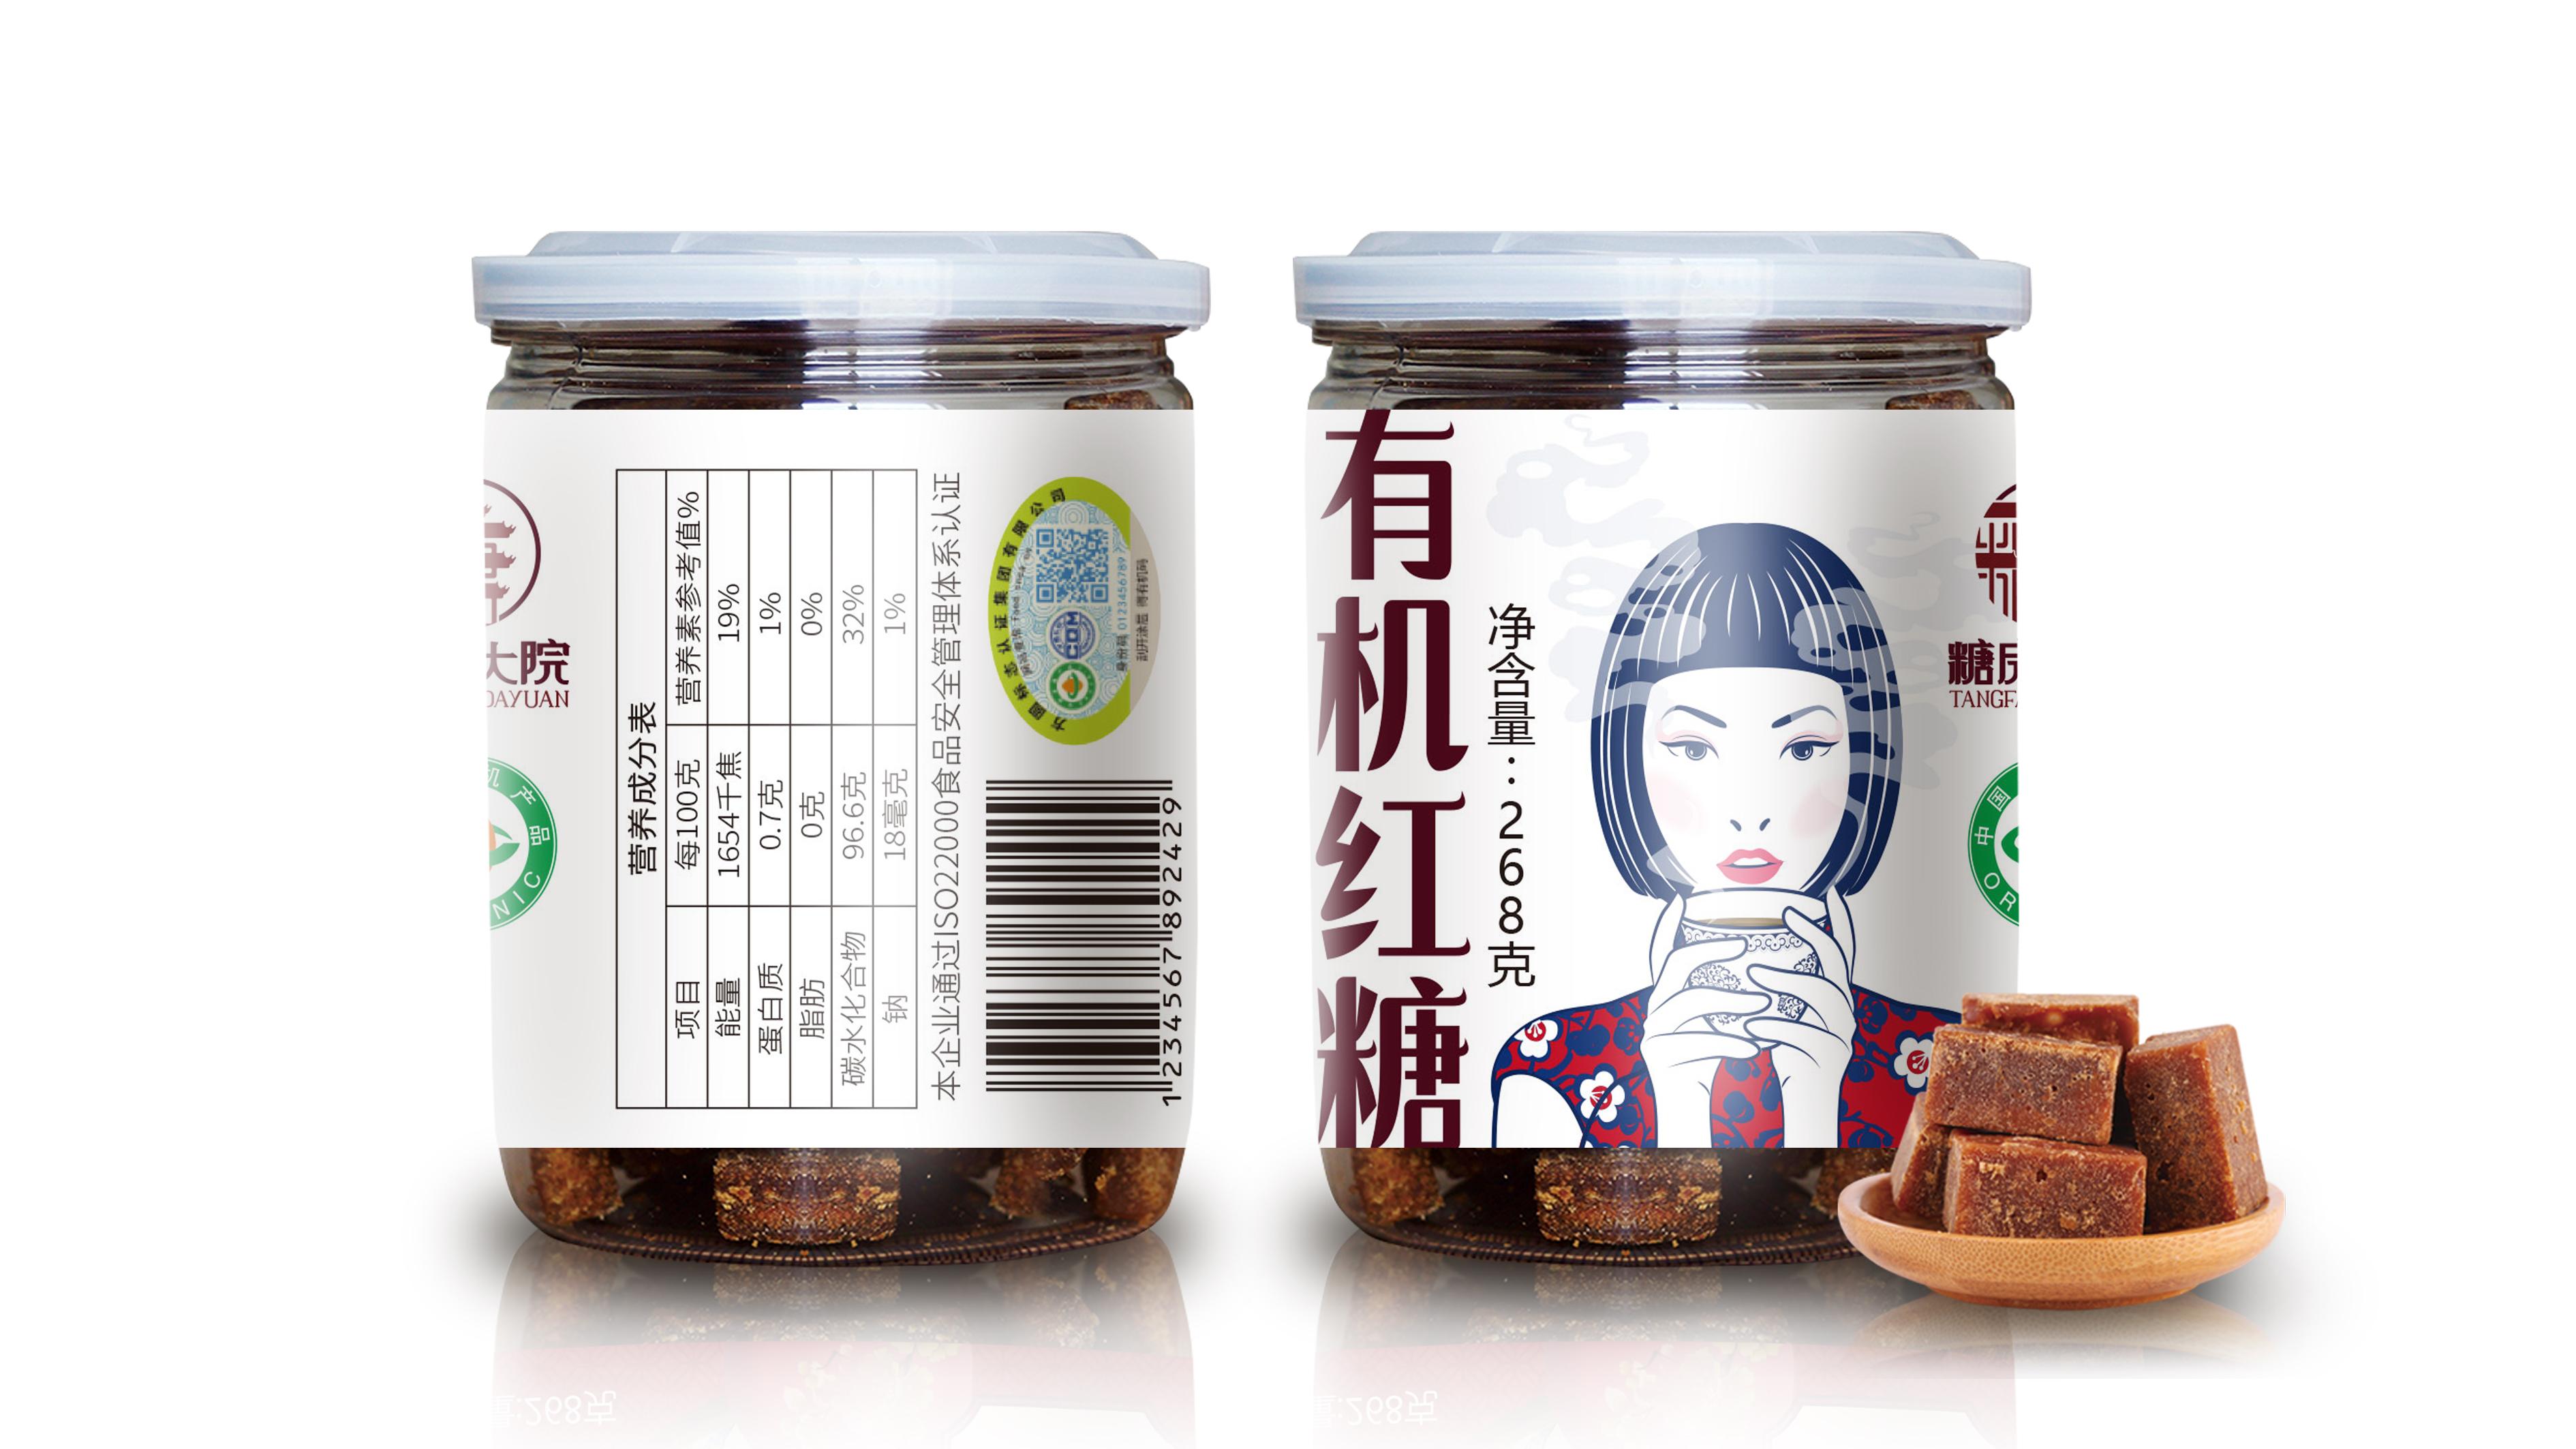 华糖食品公司包装设计